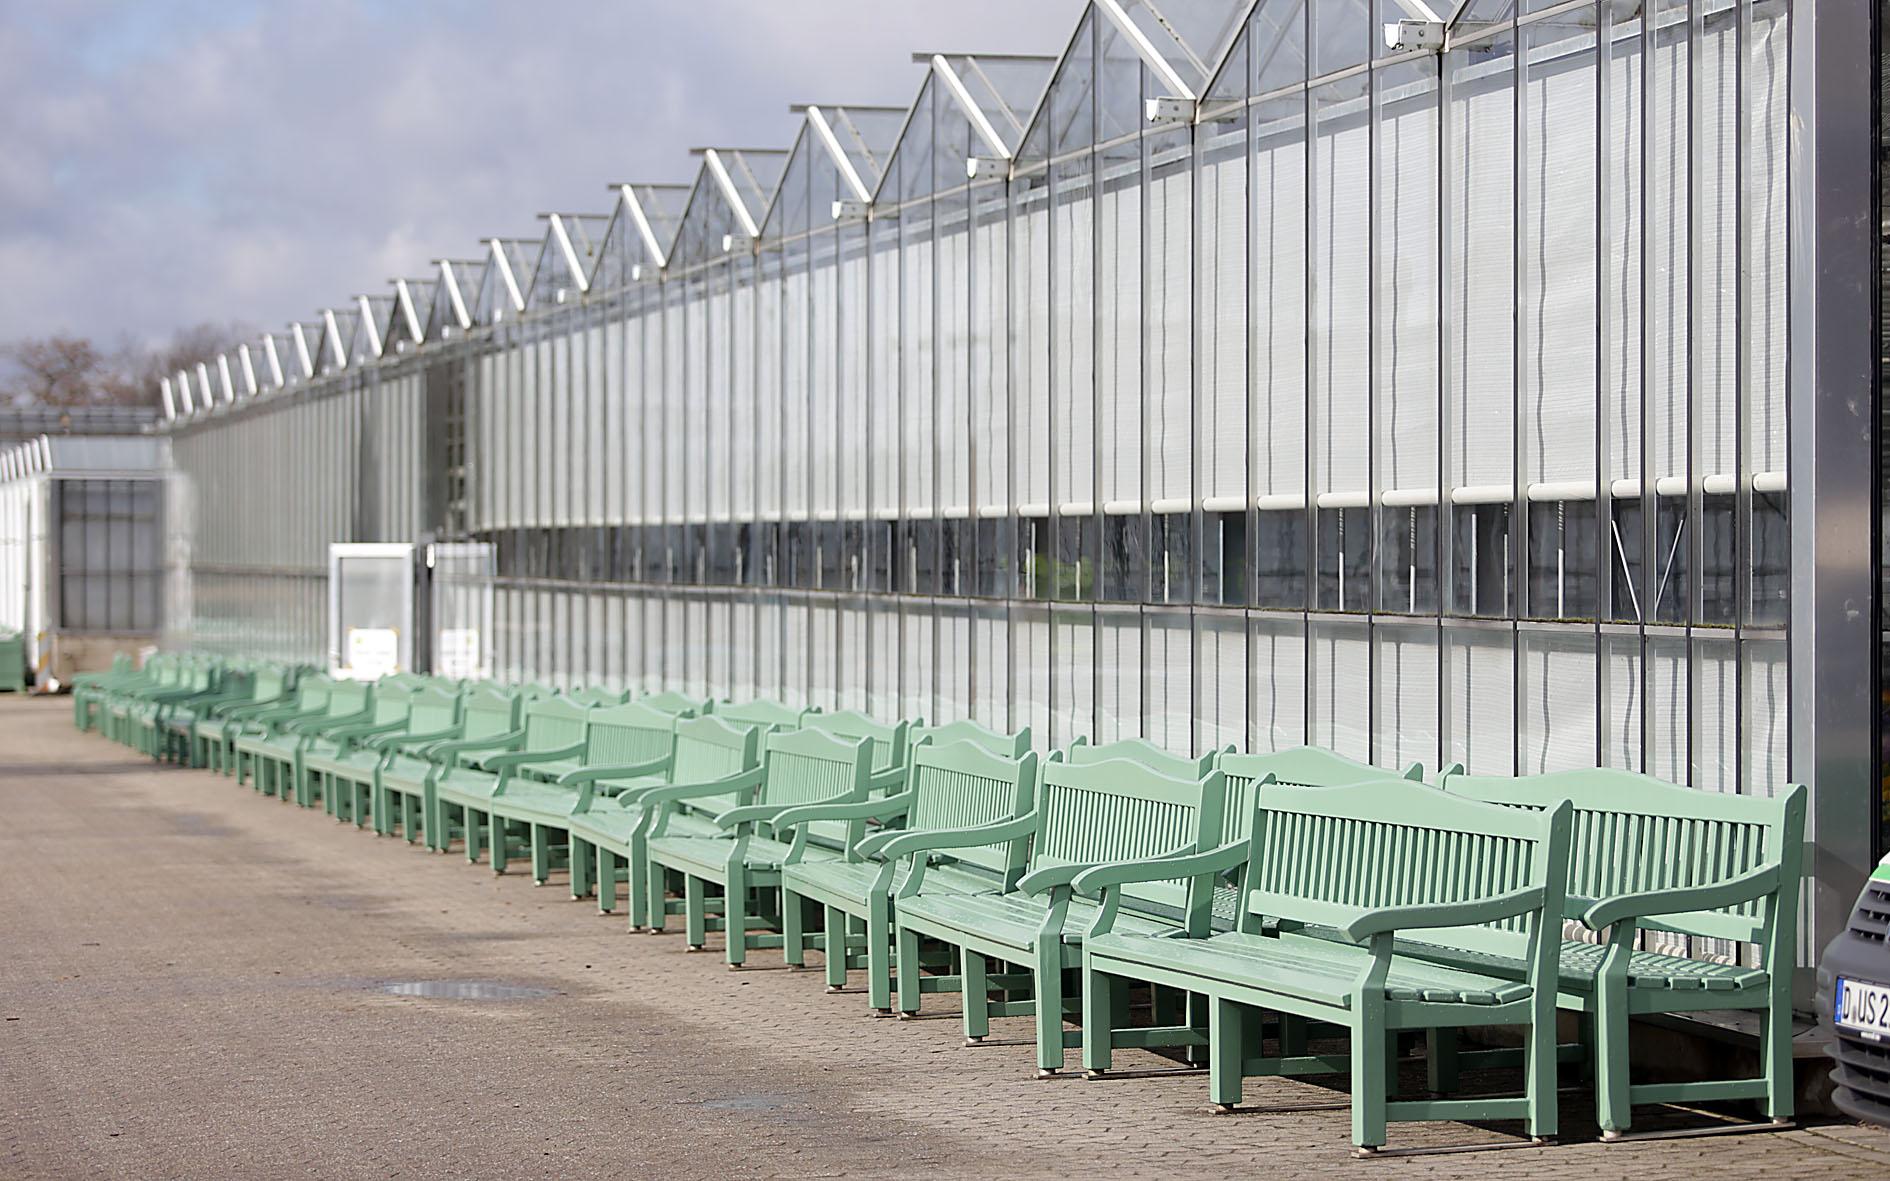 Schreinerei des Gartenamtes hat das Parkmobiliar im Winter überarbeitet (Foto: Stadt Düsseldorf/Ingo Lammert)